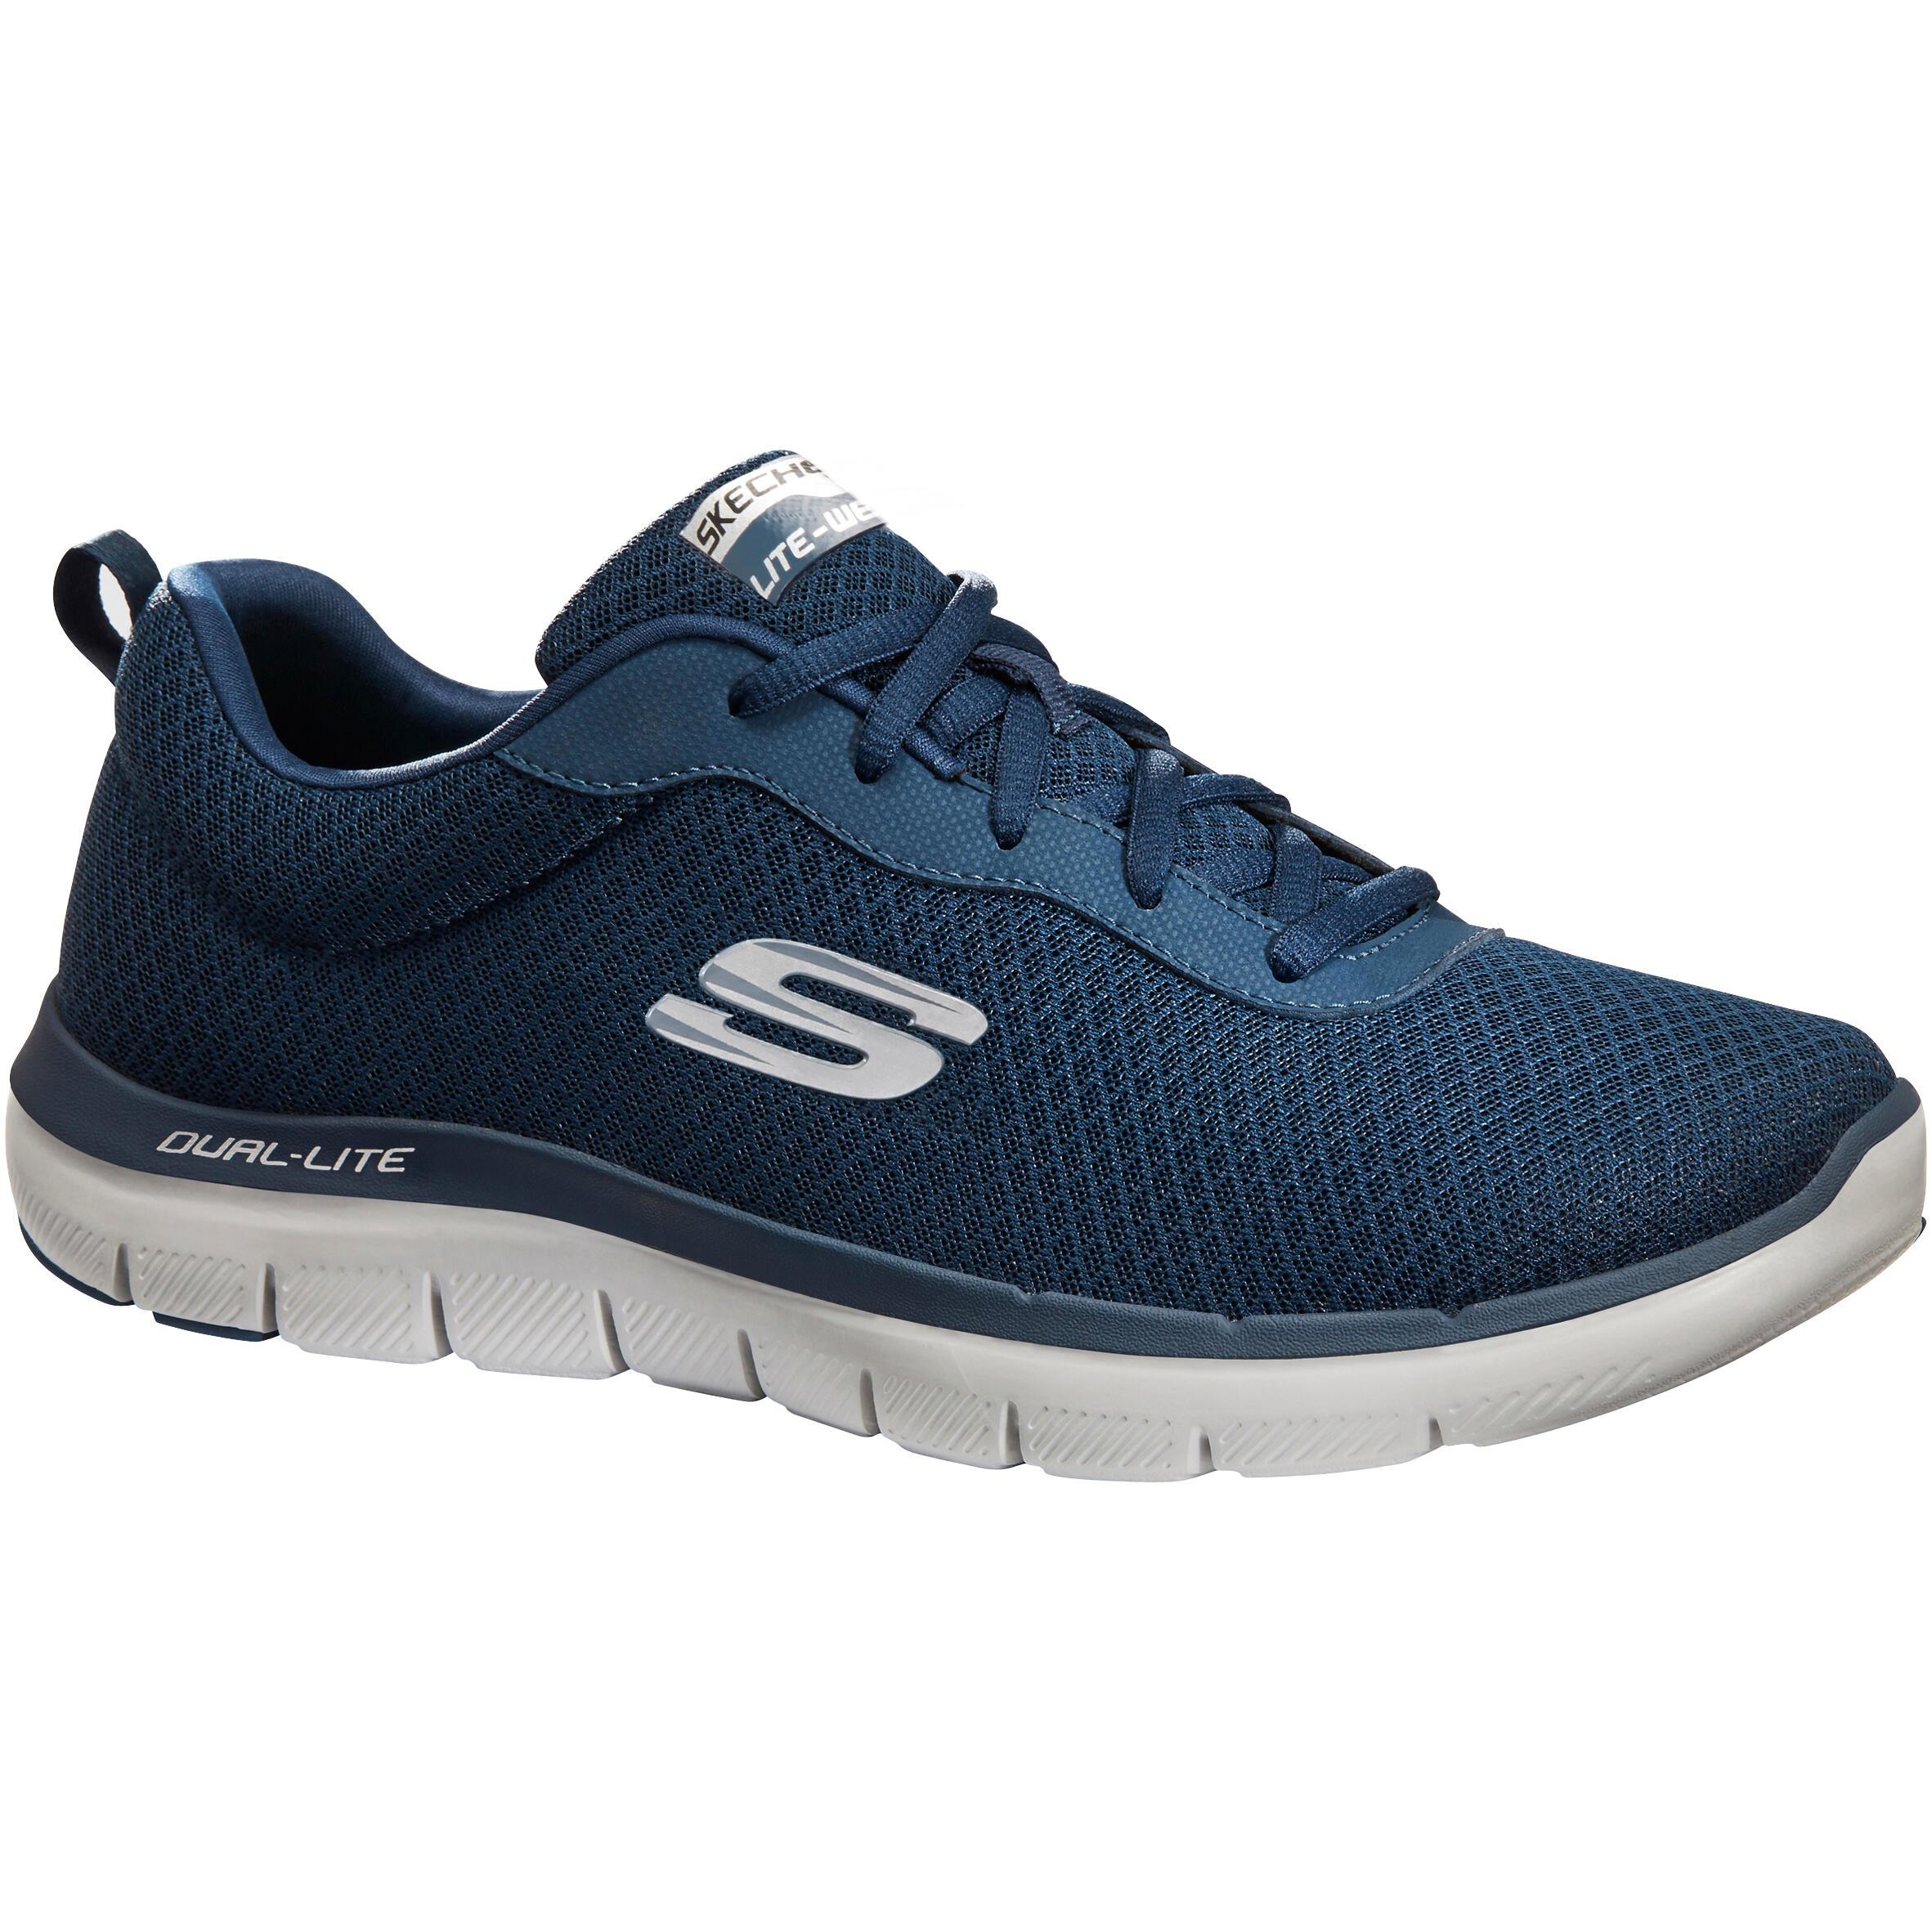 Skechers Herensneakers voor sportief wandelen Dual Lite blauw